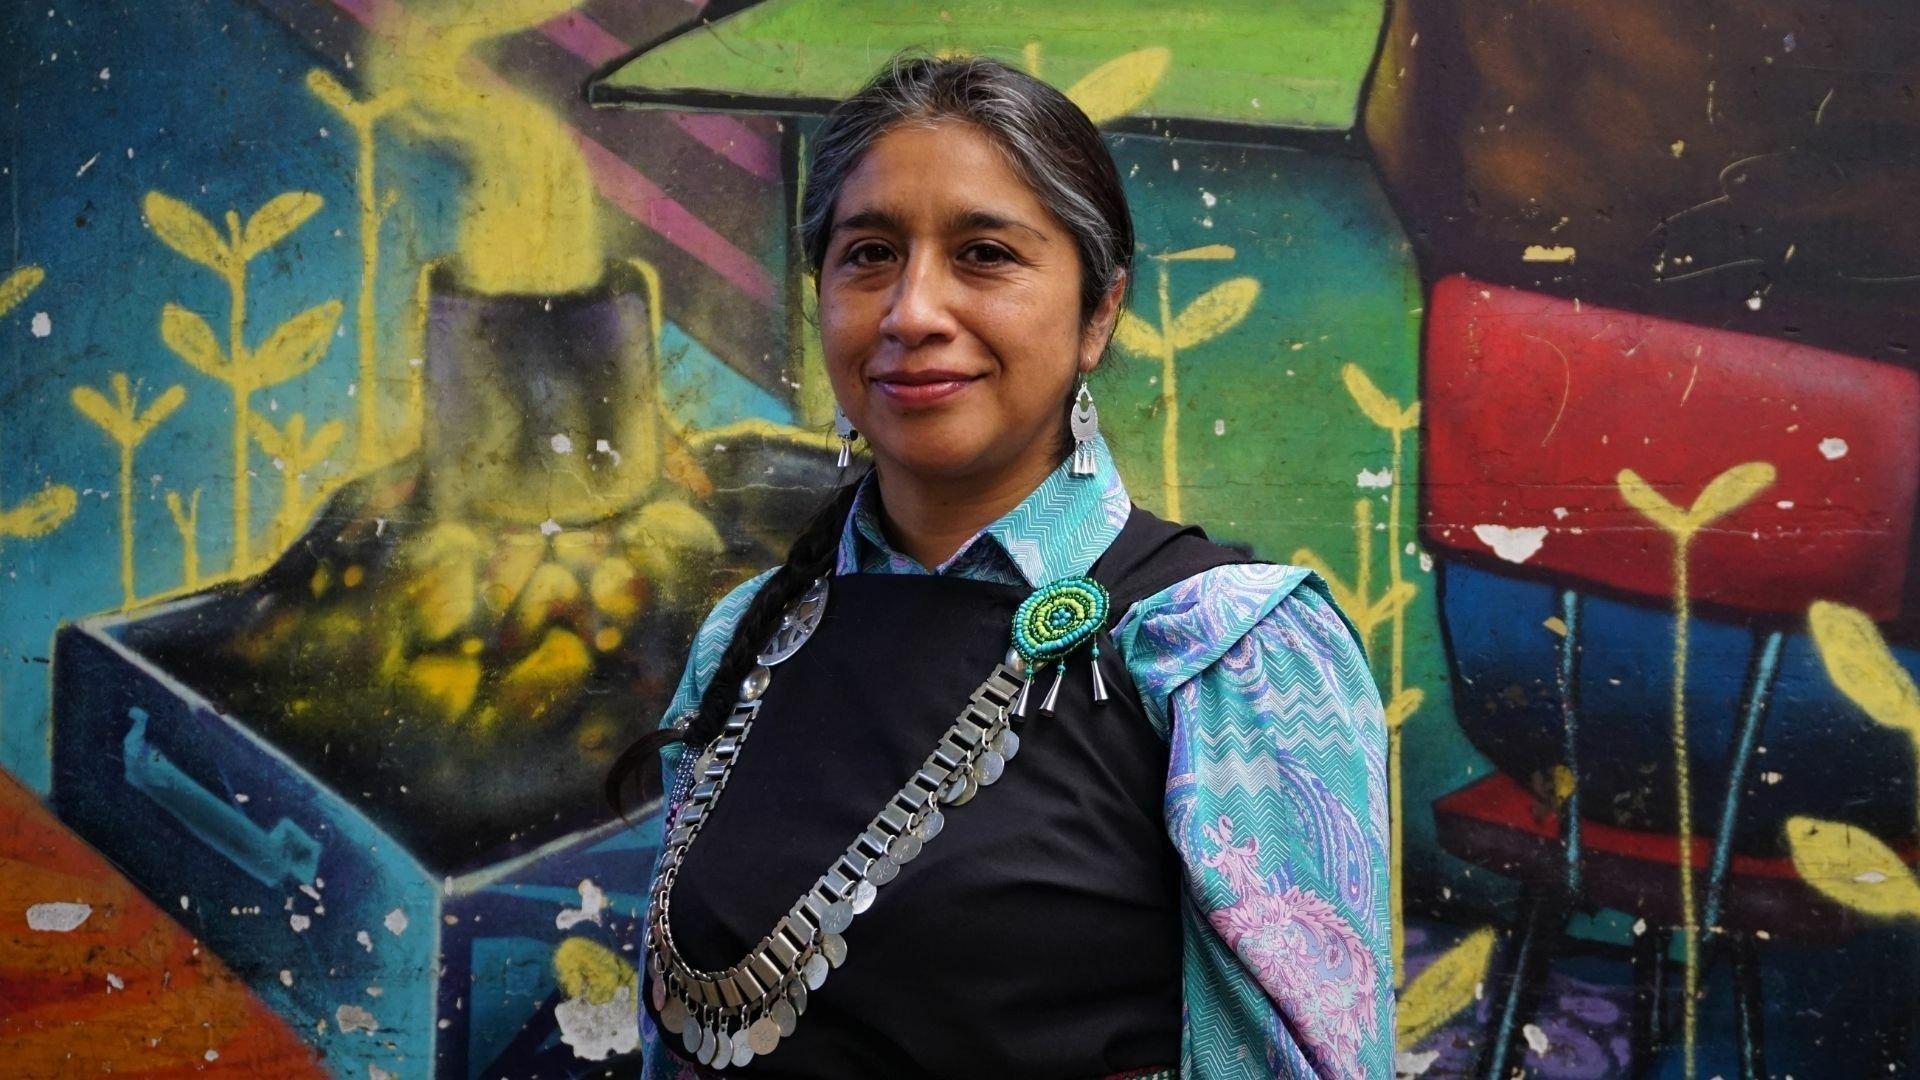 Eine Frau mit schwarzen Haaren und Zopf mit grauen Strähnen steht vor einem Wandbild, das unter anderem Getreide und einen rauchenden Schlot zeigt. Sie trägt unter einem schwarzen Oberteil eine bunt gemusterte Bluse, Silber-Ohrringe und eine breite Silberkette über der Brust.